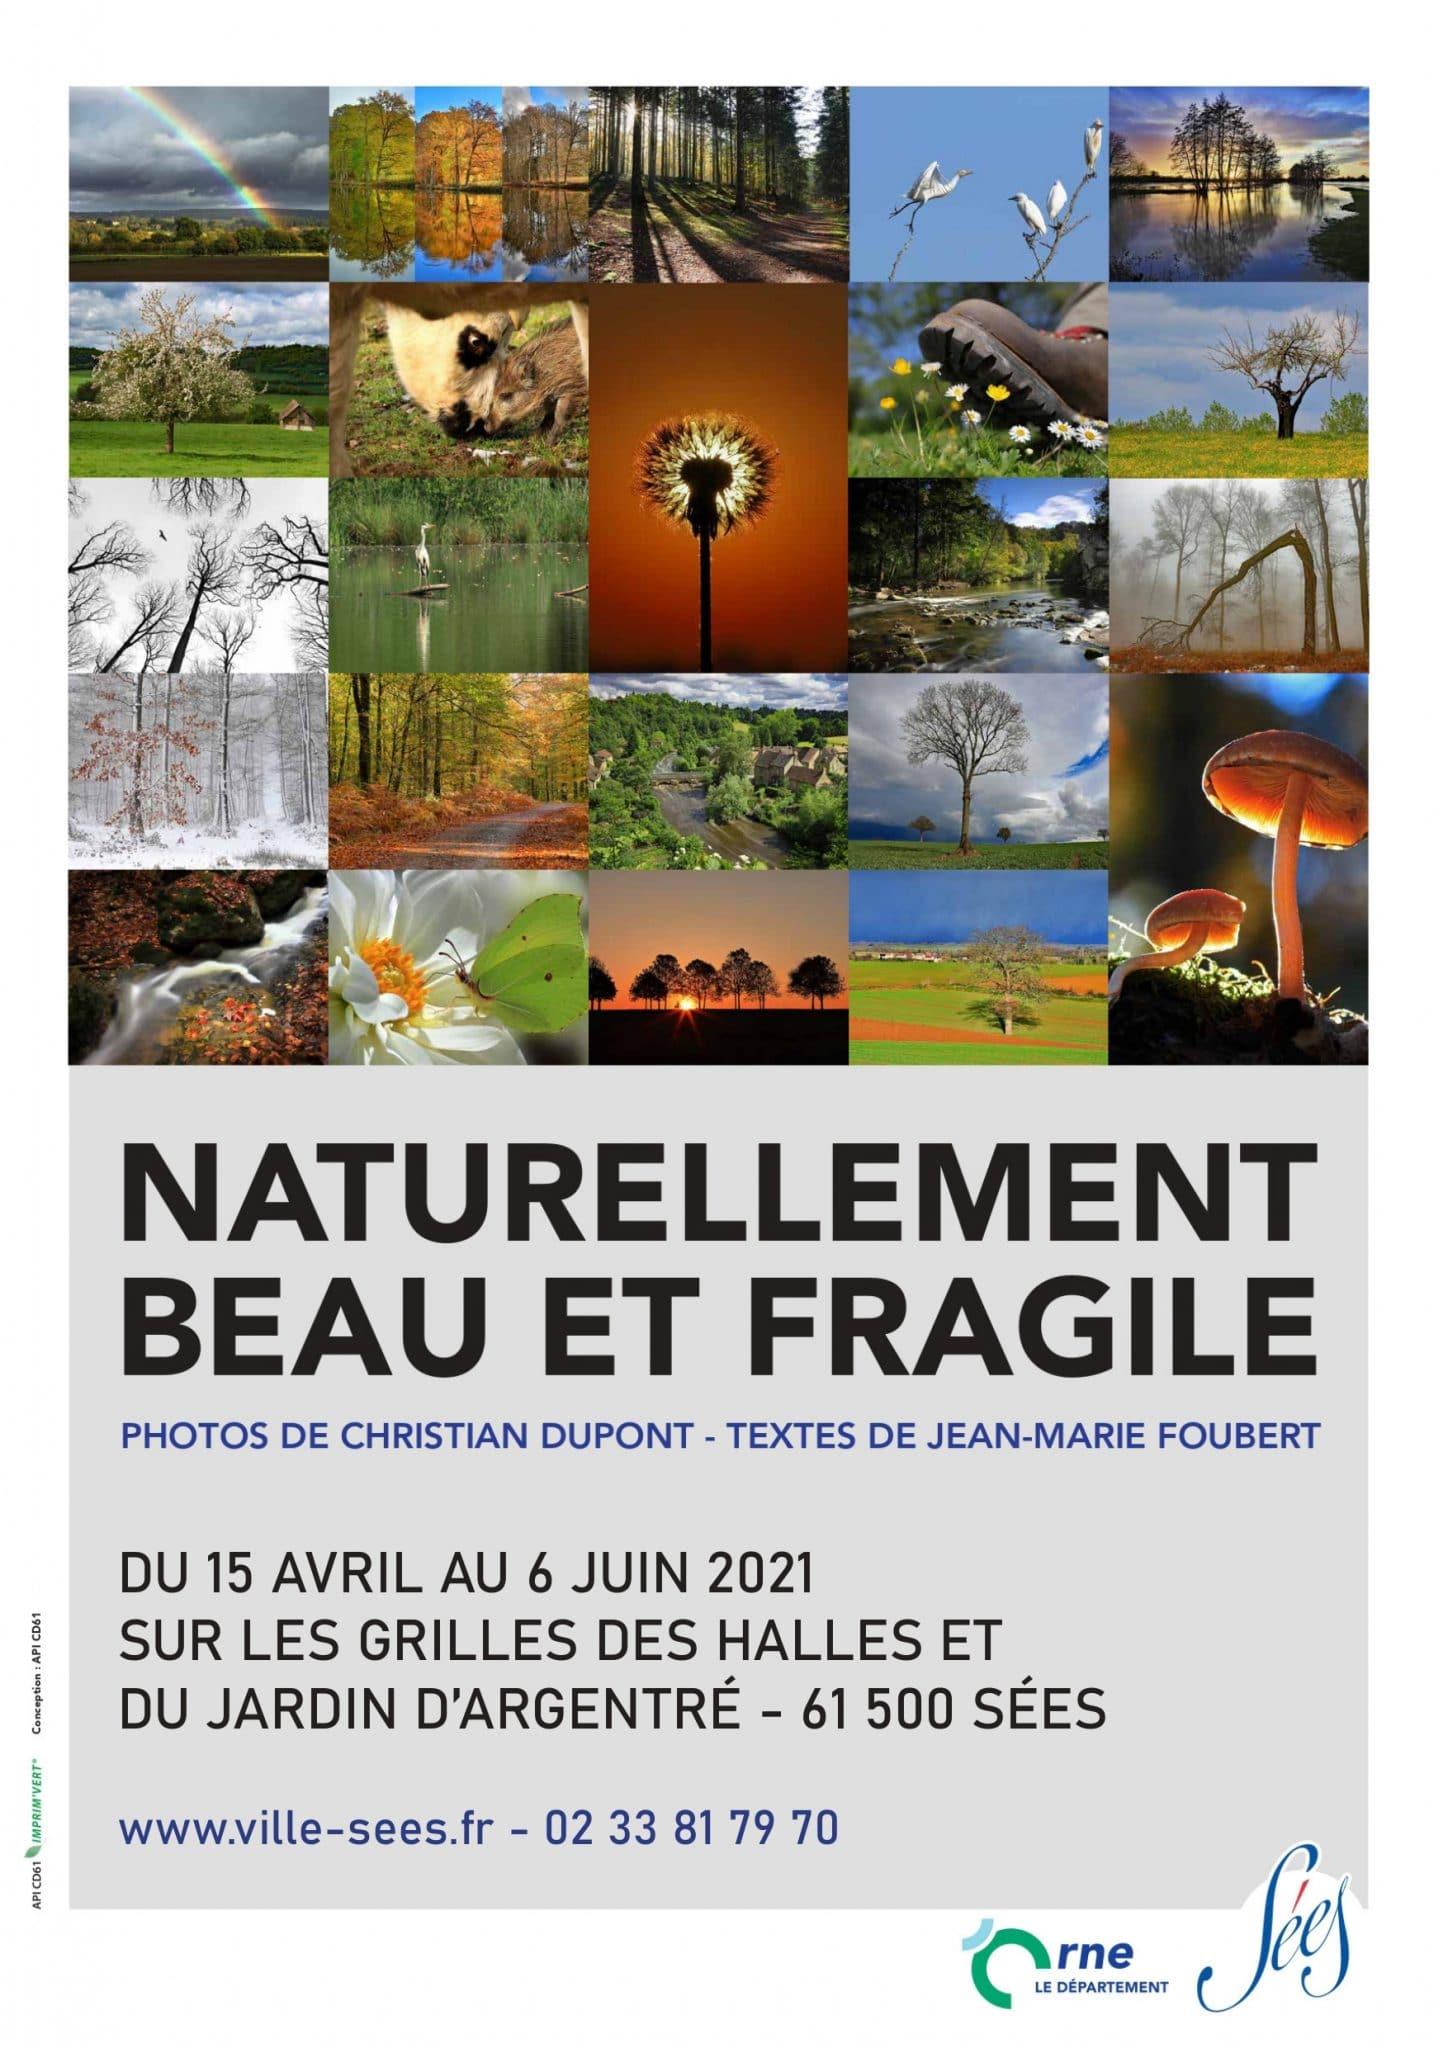 EXPOSITION NATURELLEMENT BEAU ET FRAGILE